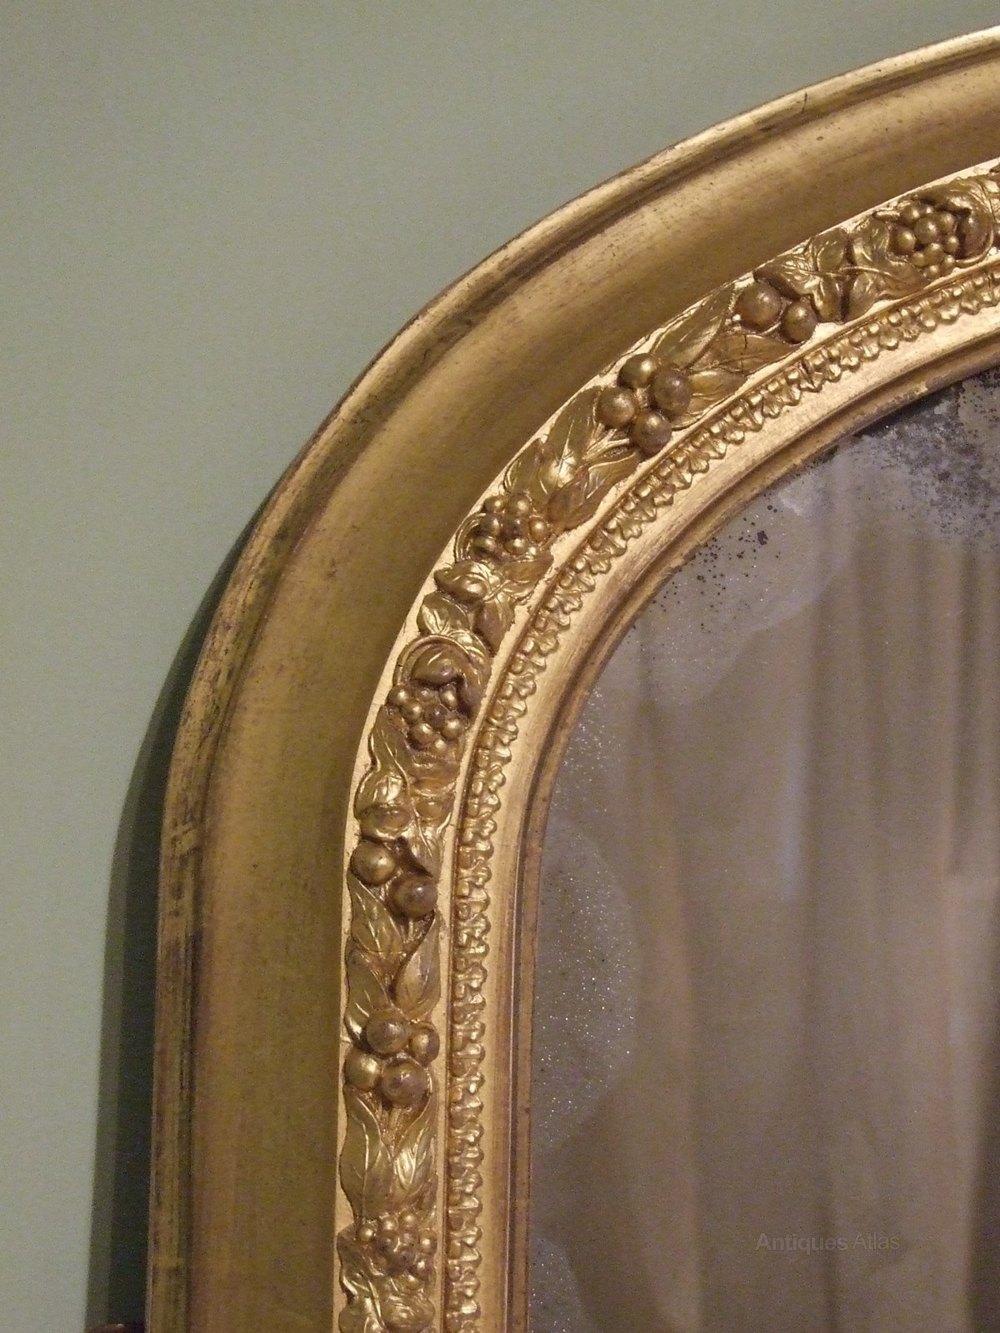 Antiques atlas large antique gilt overmantle mirror c1870 for Antique mirror